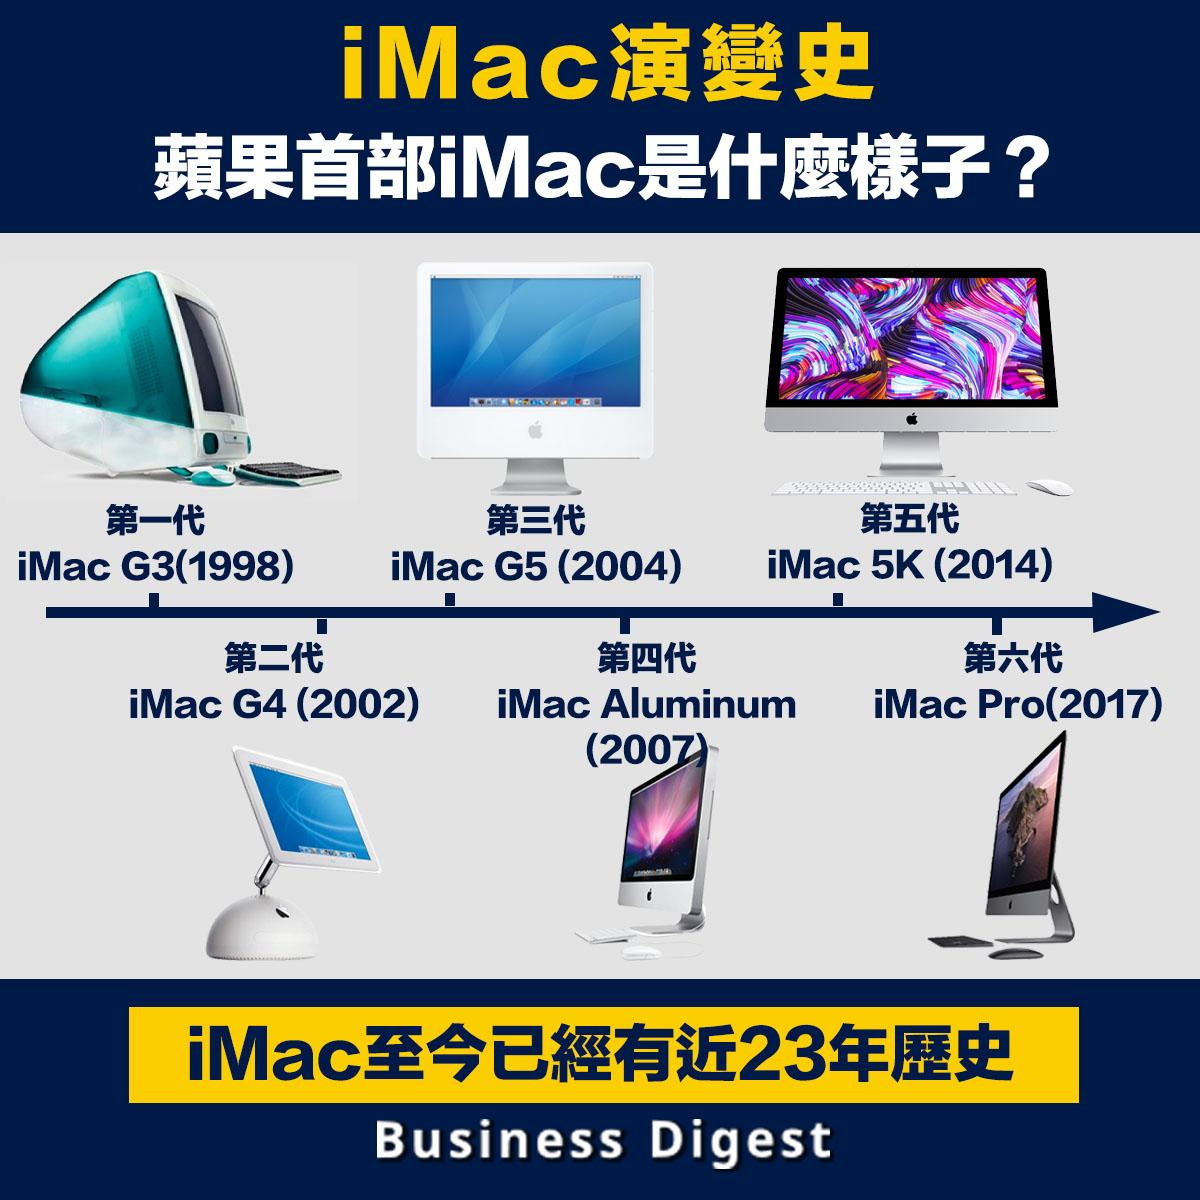 翻查歷史,蘋果第一部iMac是在1998年推出,至今iMac已經有近23年歷史